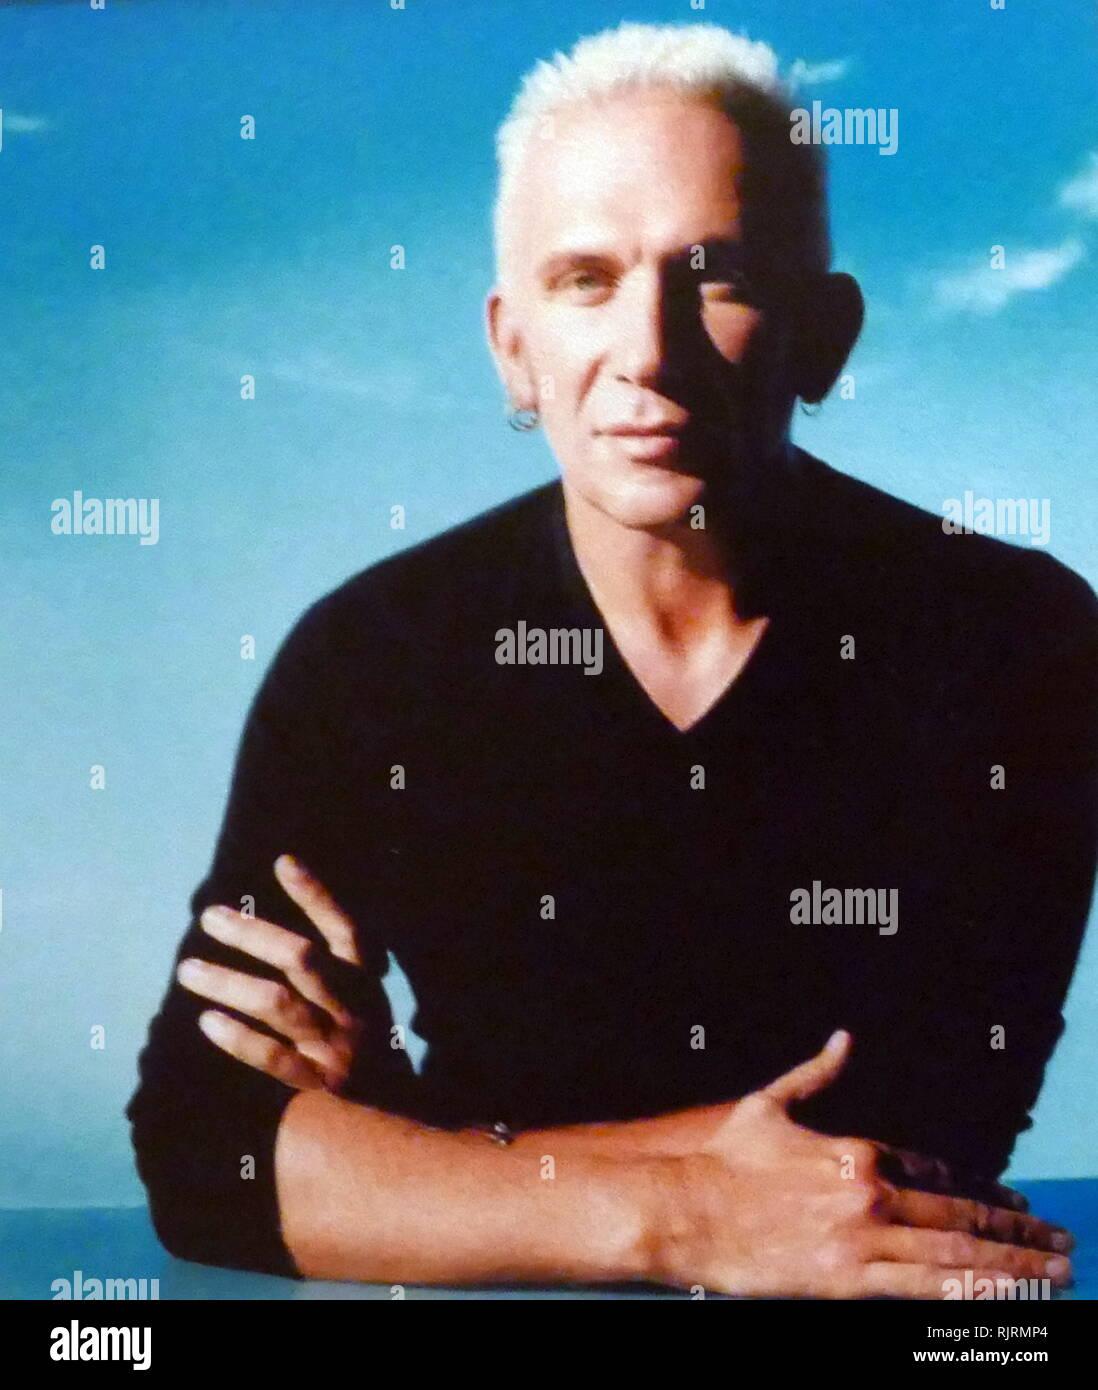 Jean-Paul Gaultier (né en 1952), le français de haute couture et de pret-a-porter styliste de mode. Il a été le directeur artistique d'Hermès de 2003 à 2010. Photo Stock